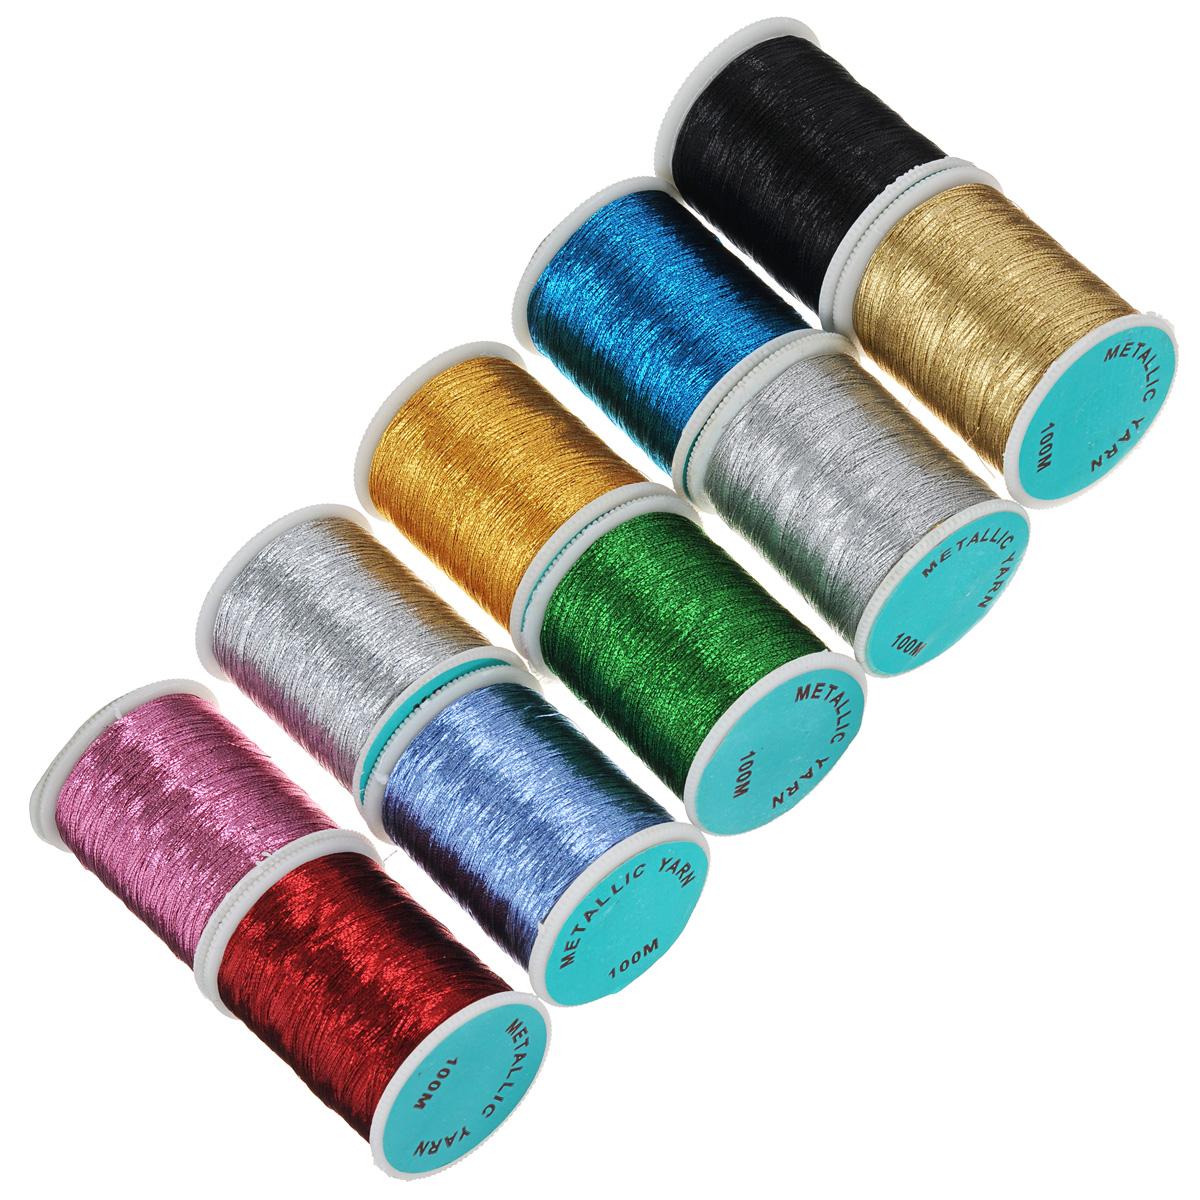 Набор ниток люрекс Darwi, 100 м, 10 бобин135345Набор ниток люрекс Darwi, изготовленный из полиэстера, состоит из 10 бобин разных цветов. Это незаменимый материал для рукодельниц, швей и портных. Металлизированные нитки с блеском позволят украсить любое изделие.